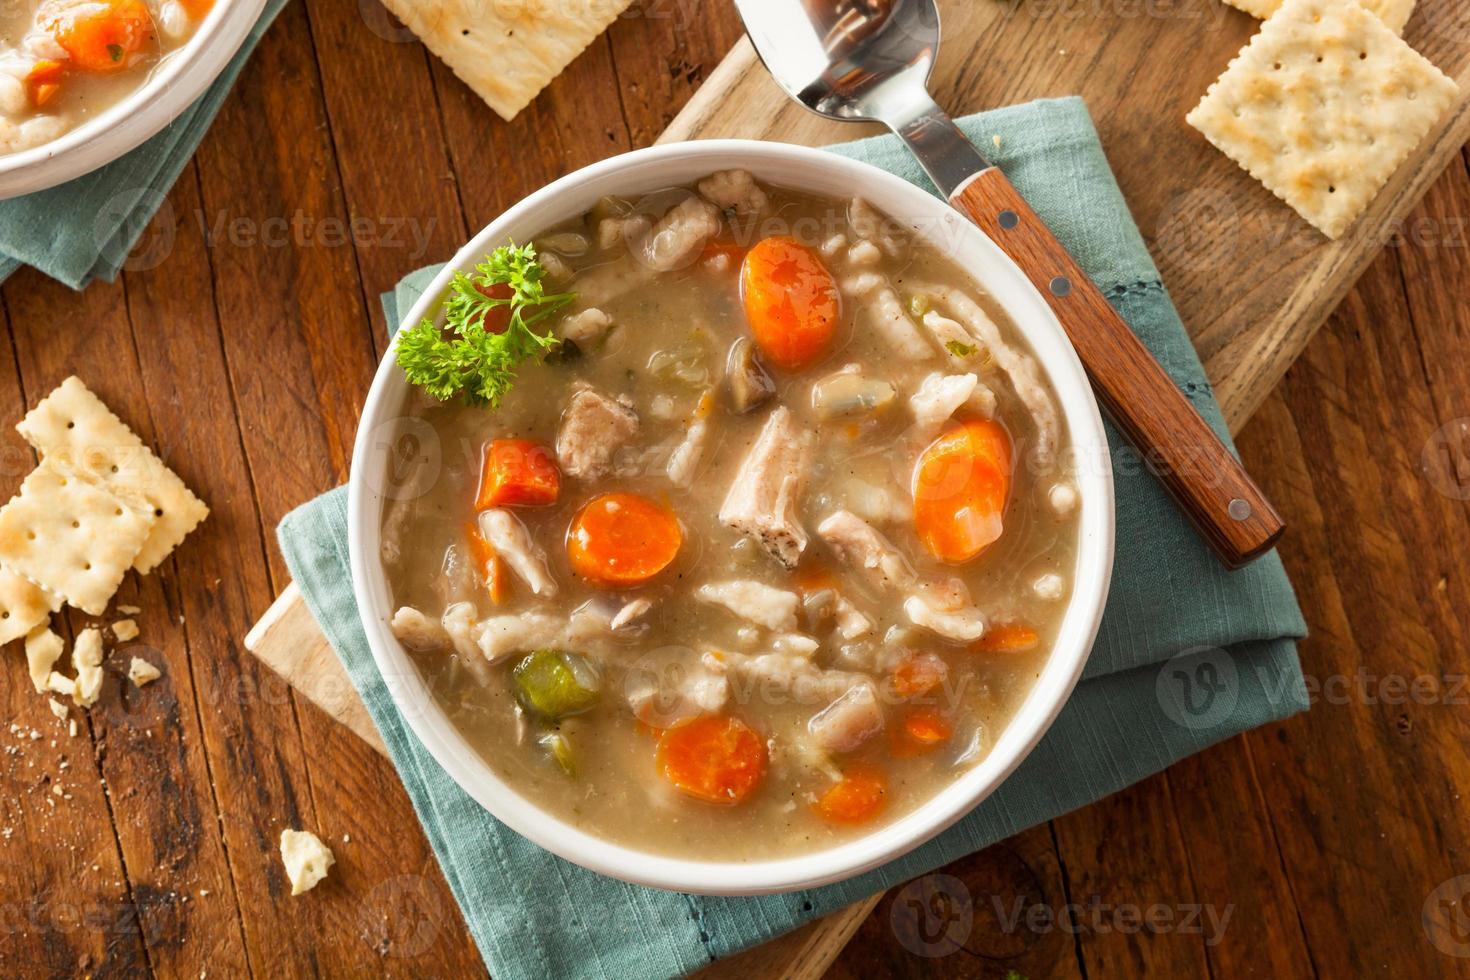 sopa de macarrão caseiro de frango foto